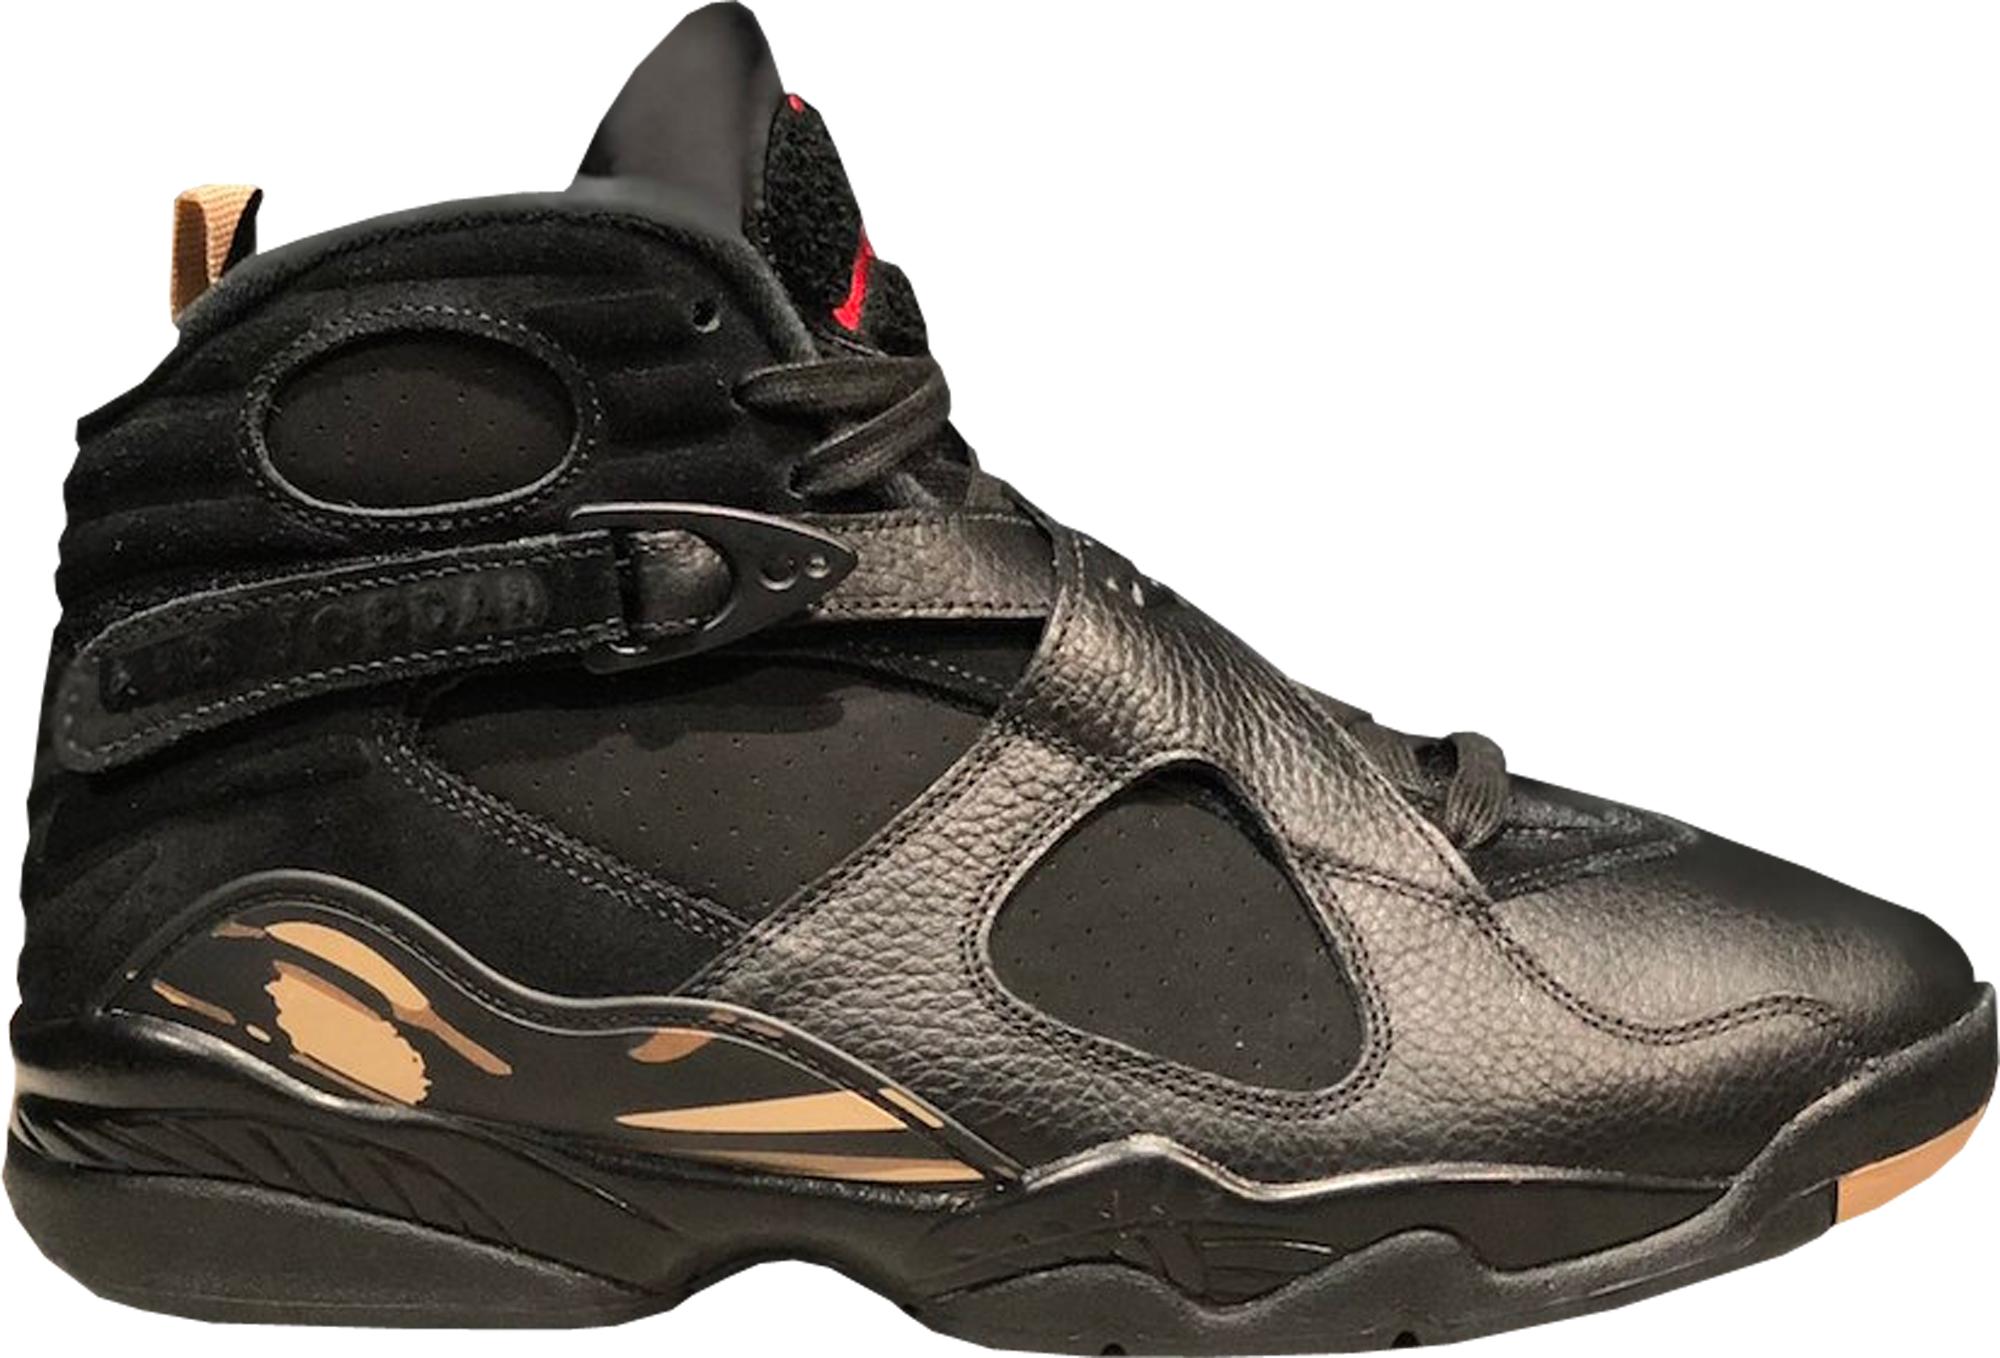 Air Jordan 8 Noir Ovo